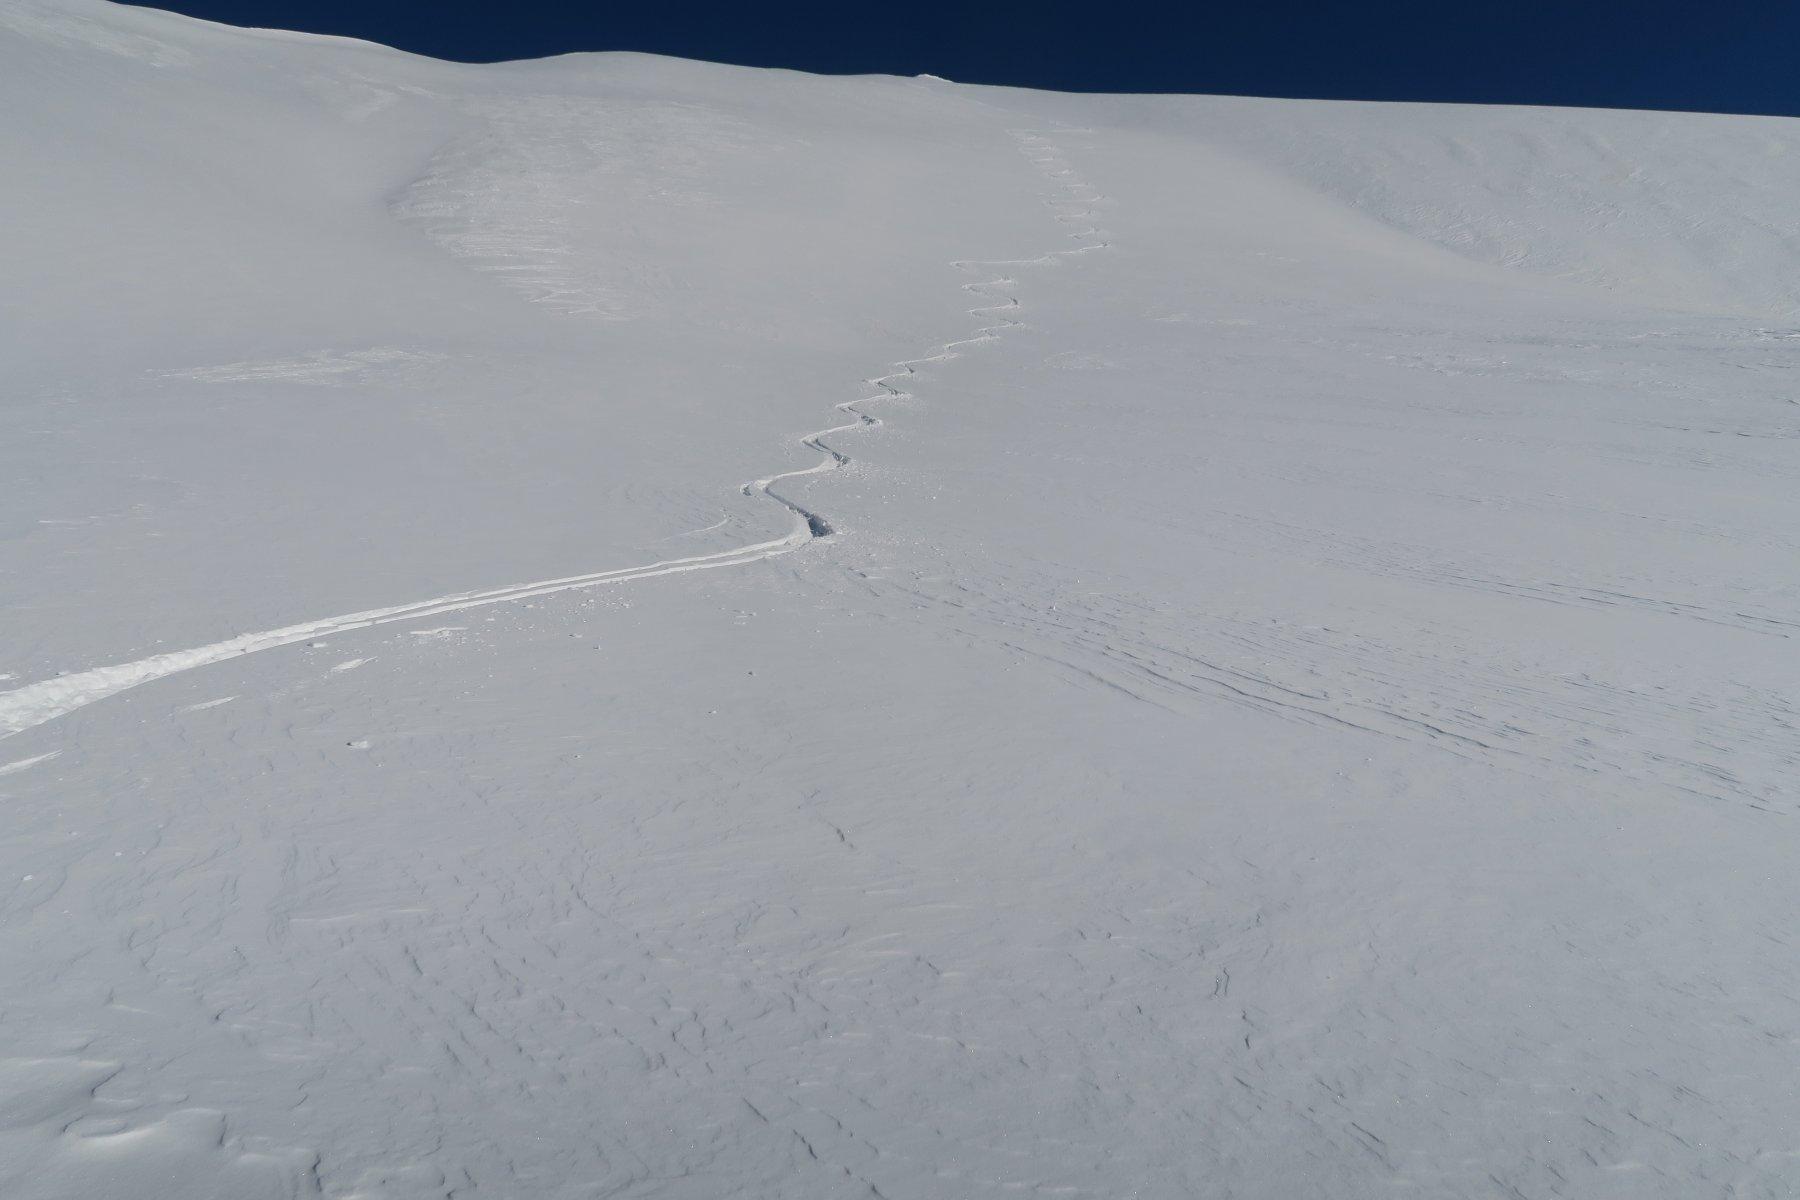 bella neve sotto la punta cercando le zone dove il vento non l'aveva spazzata